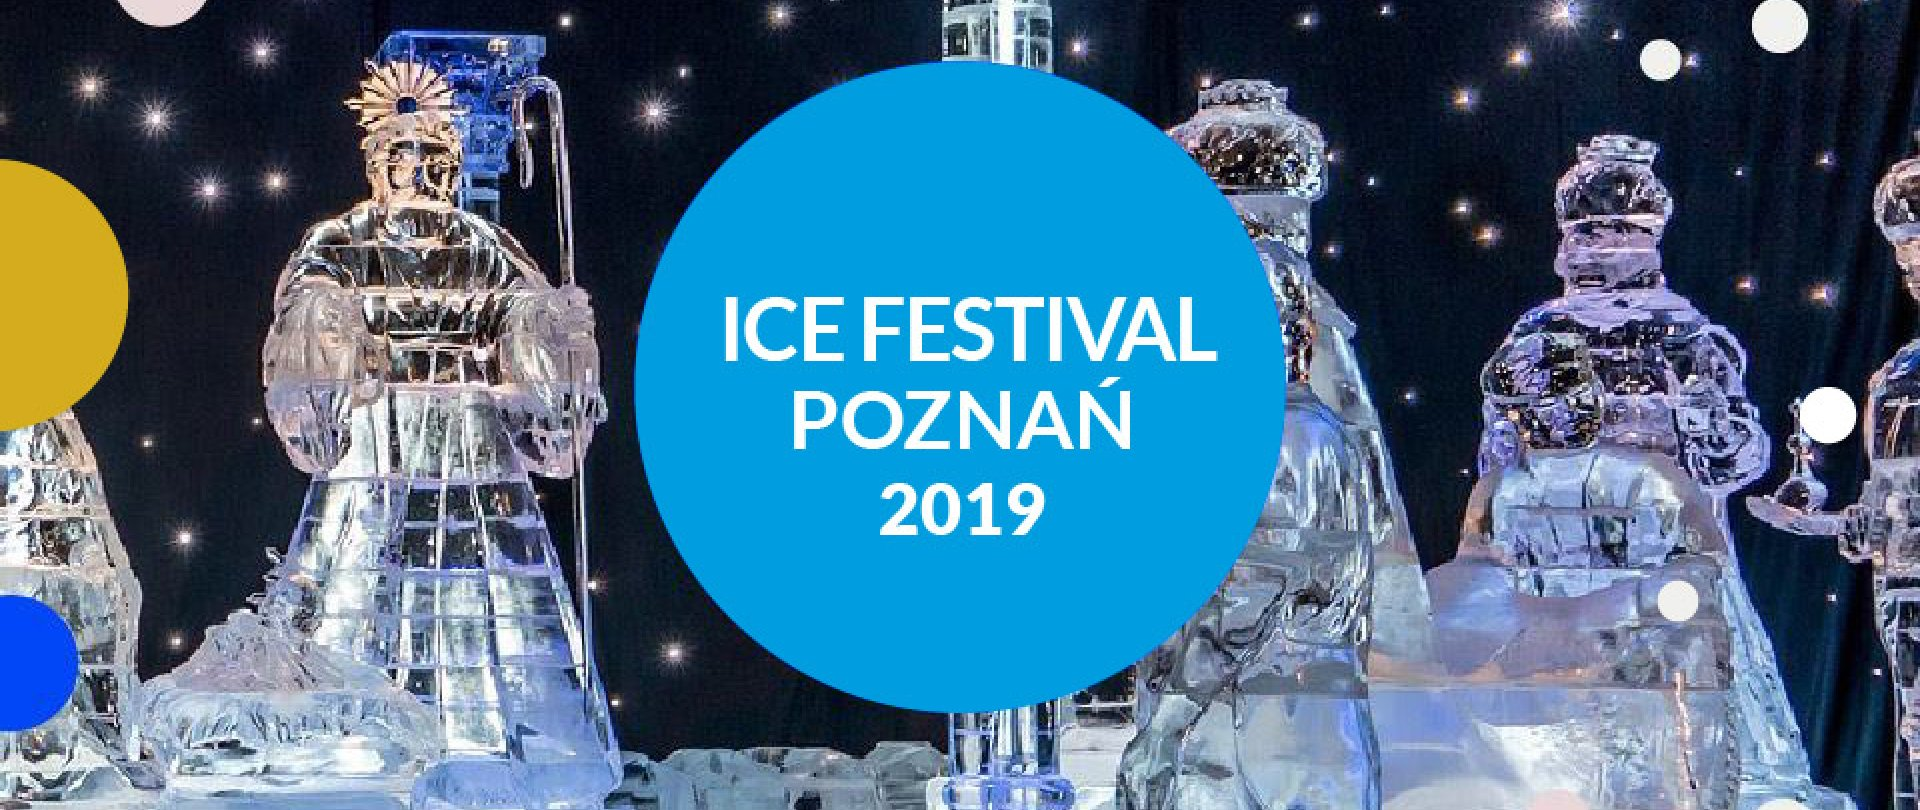 Poznań Ice Festival 2019